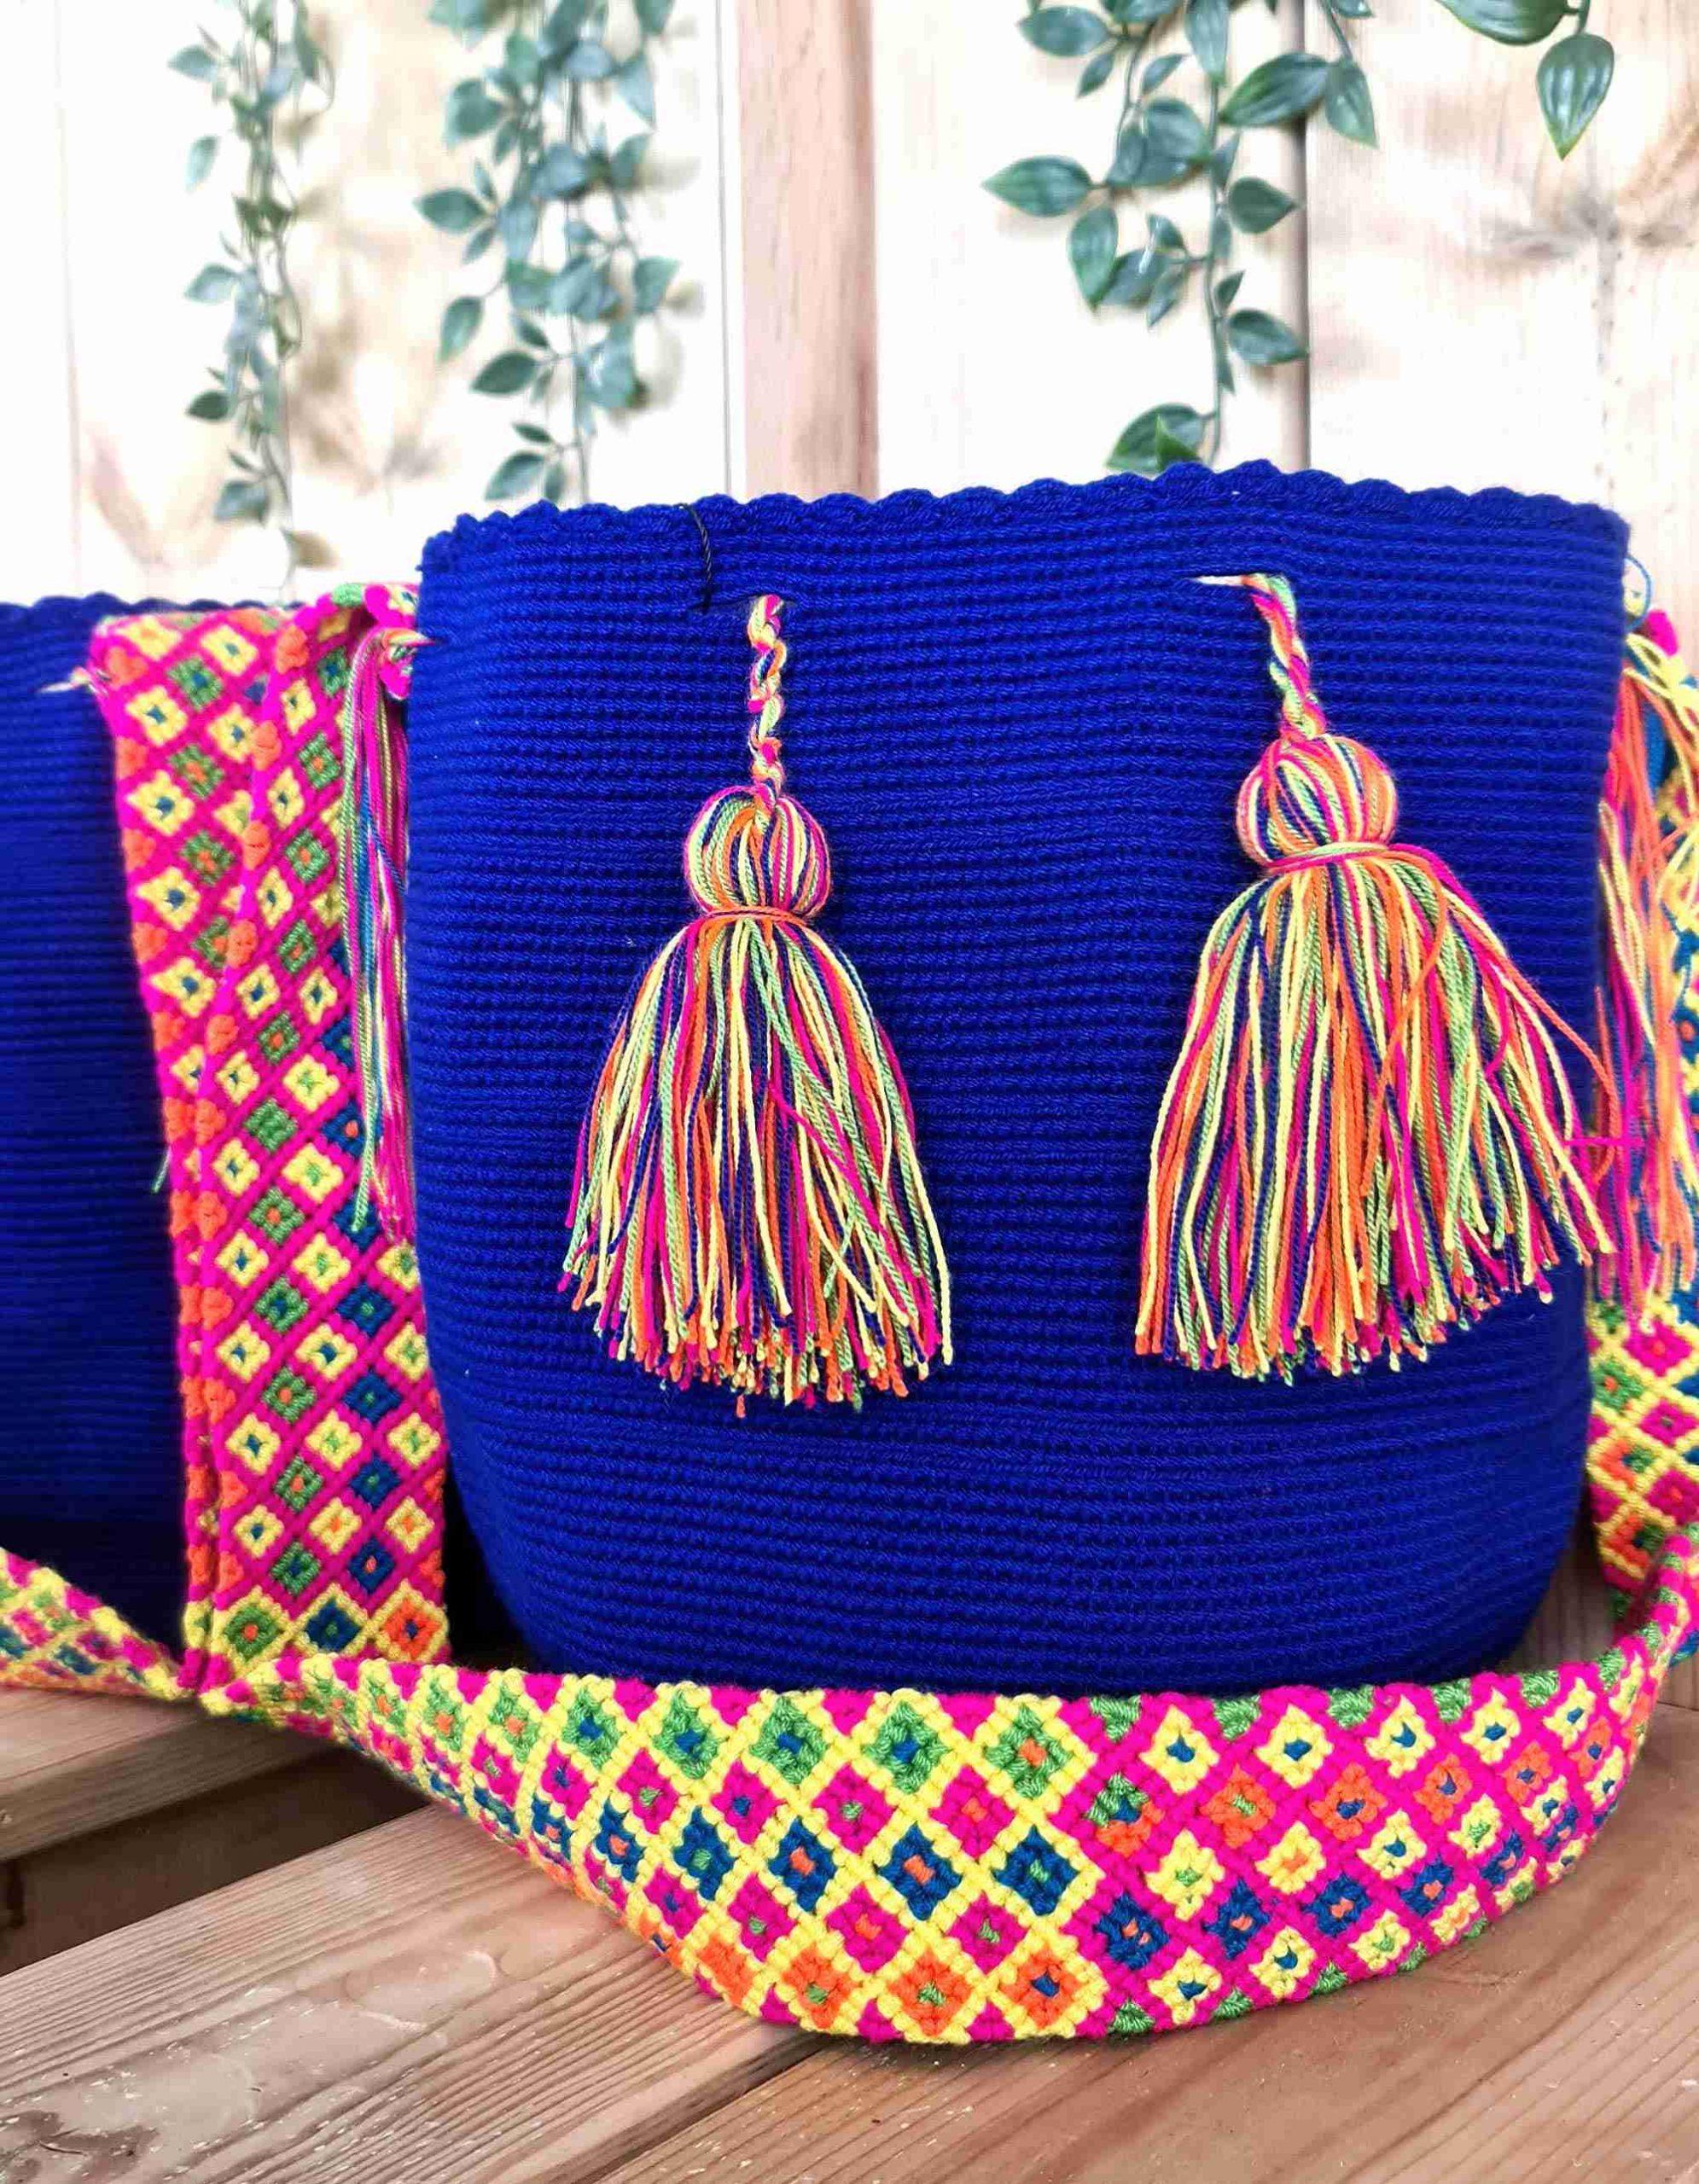 Bolso Wayuu Original Auténtico (sólo 1 igual), color azul oscuro con correa naranja, amarillo, azul y rojo.